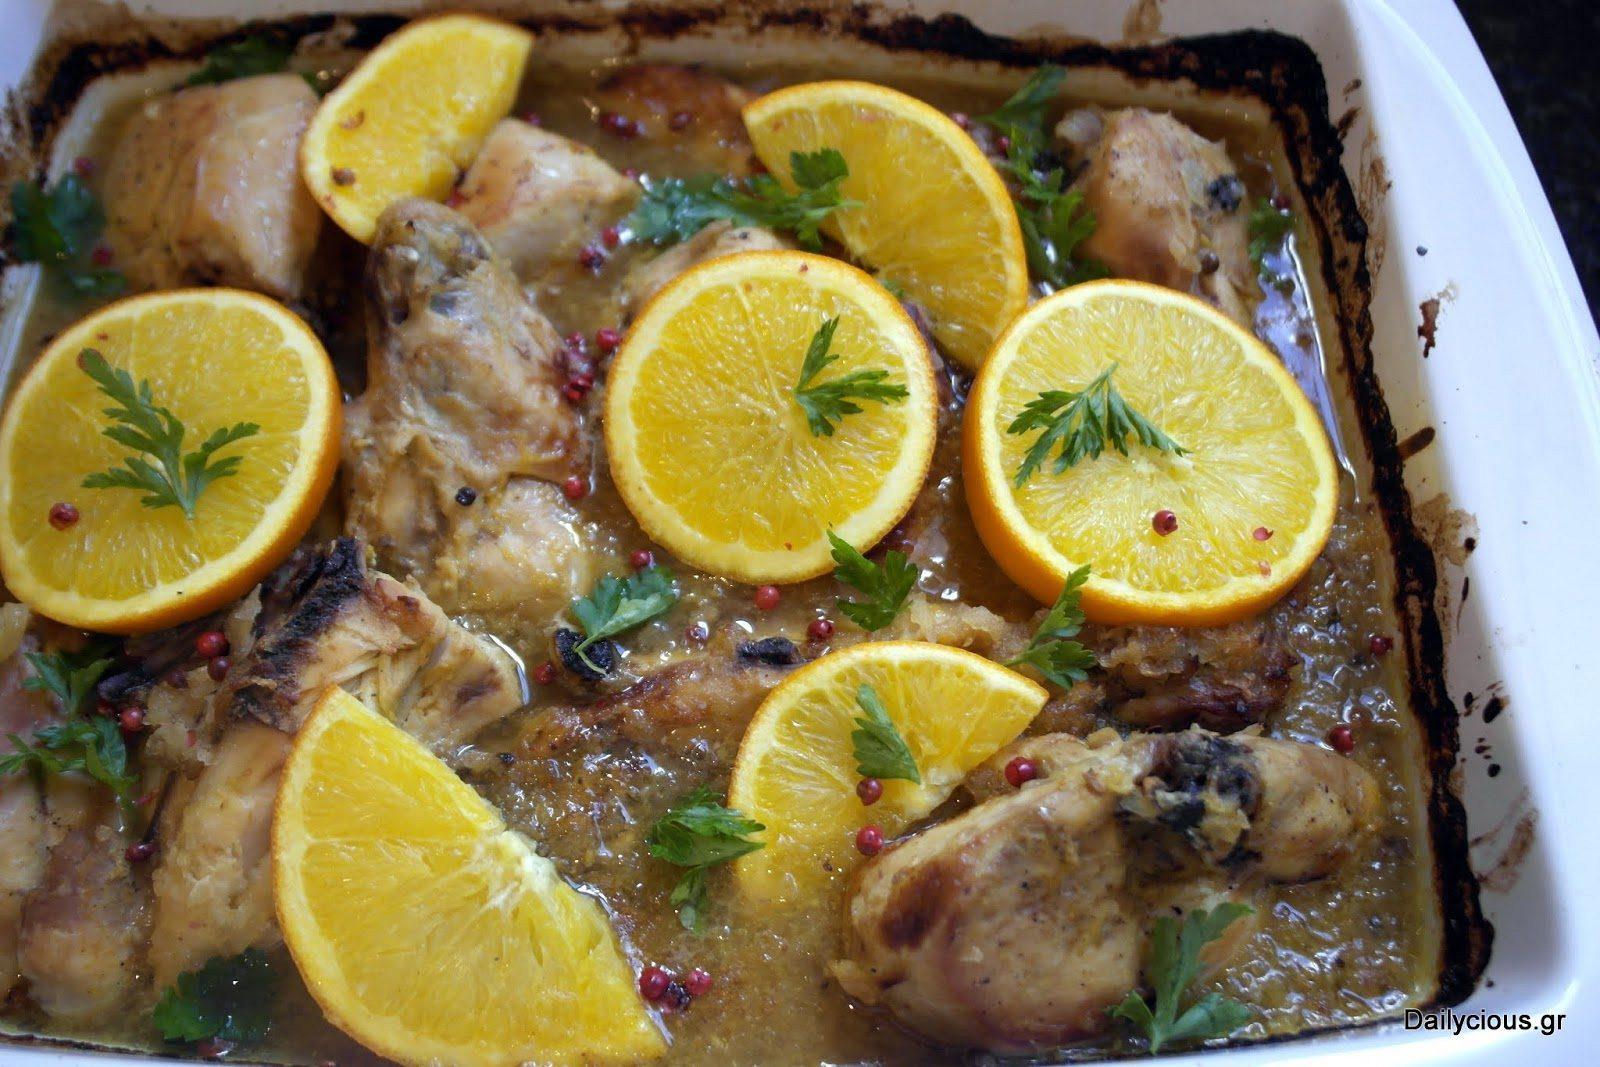 Κοτόπουλο με Πορτοκάλι στον Φούρνο